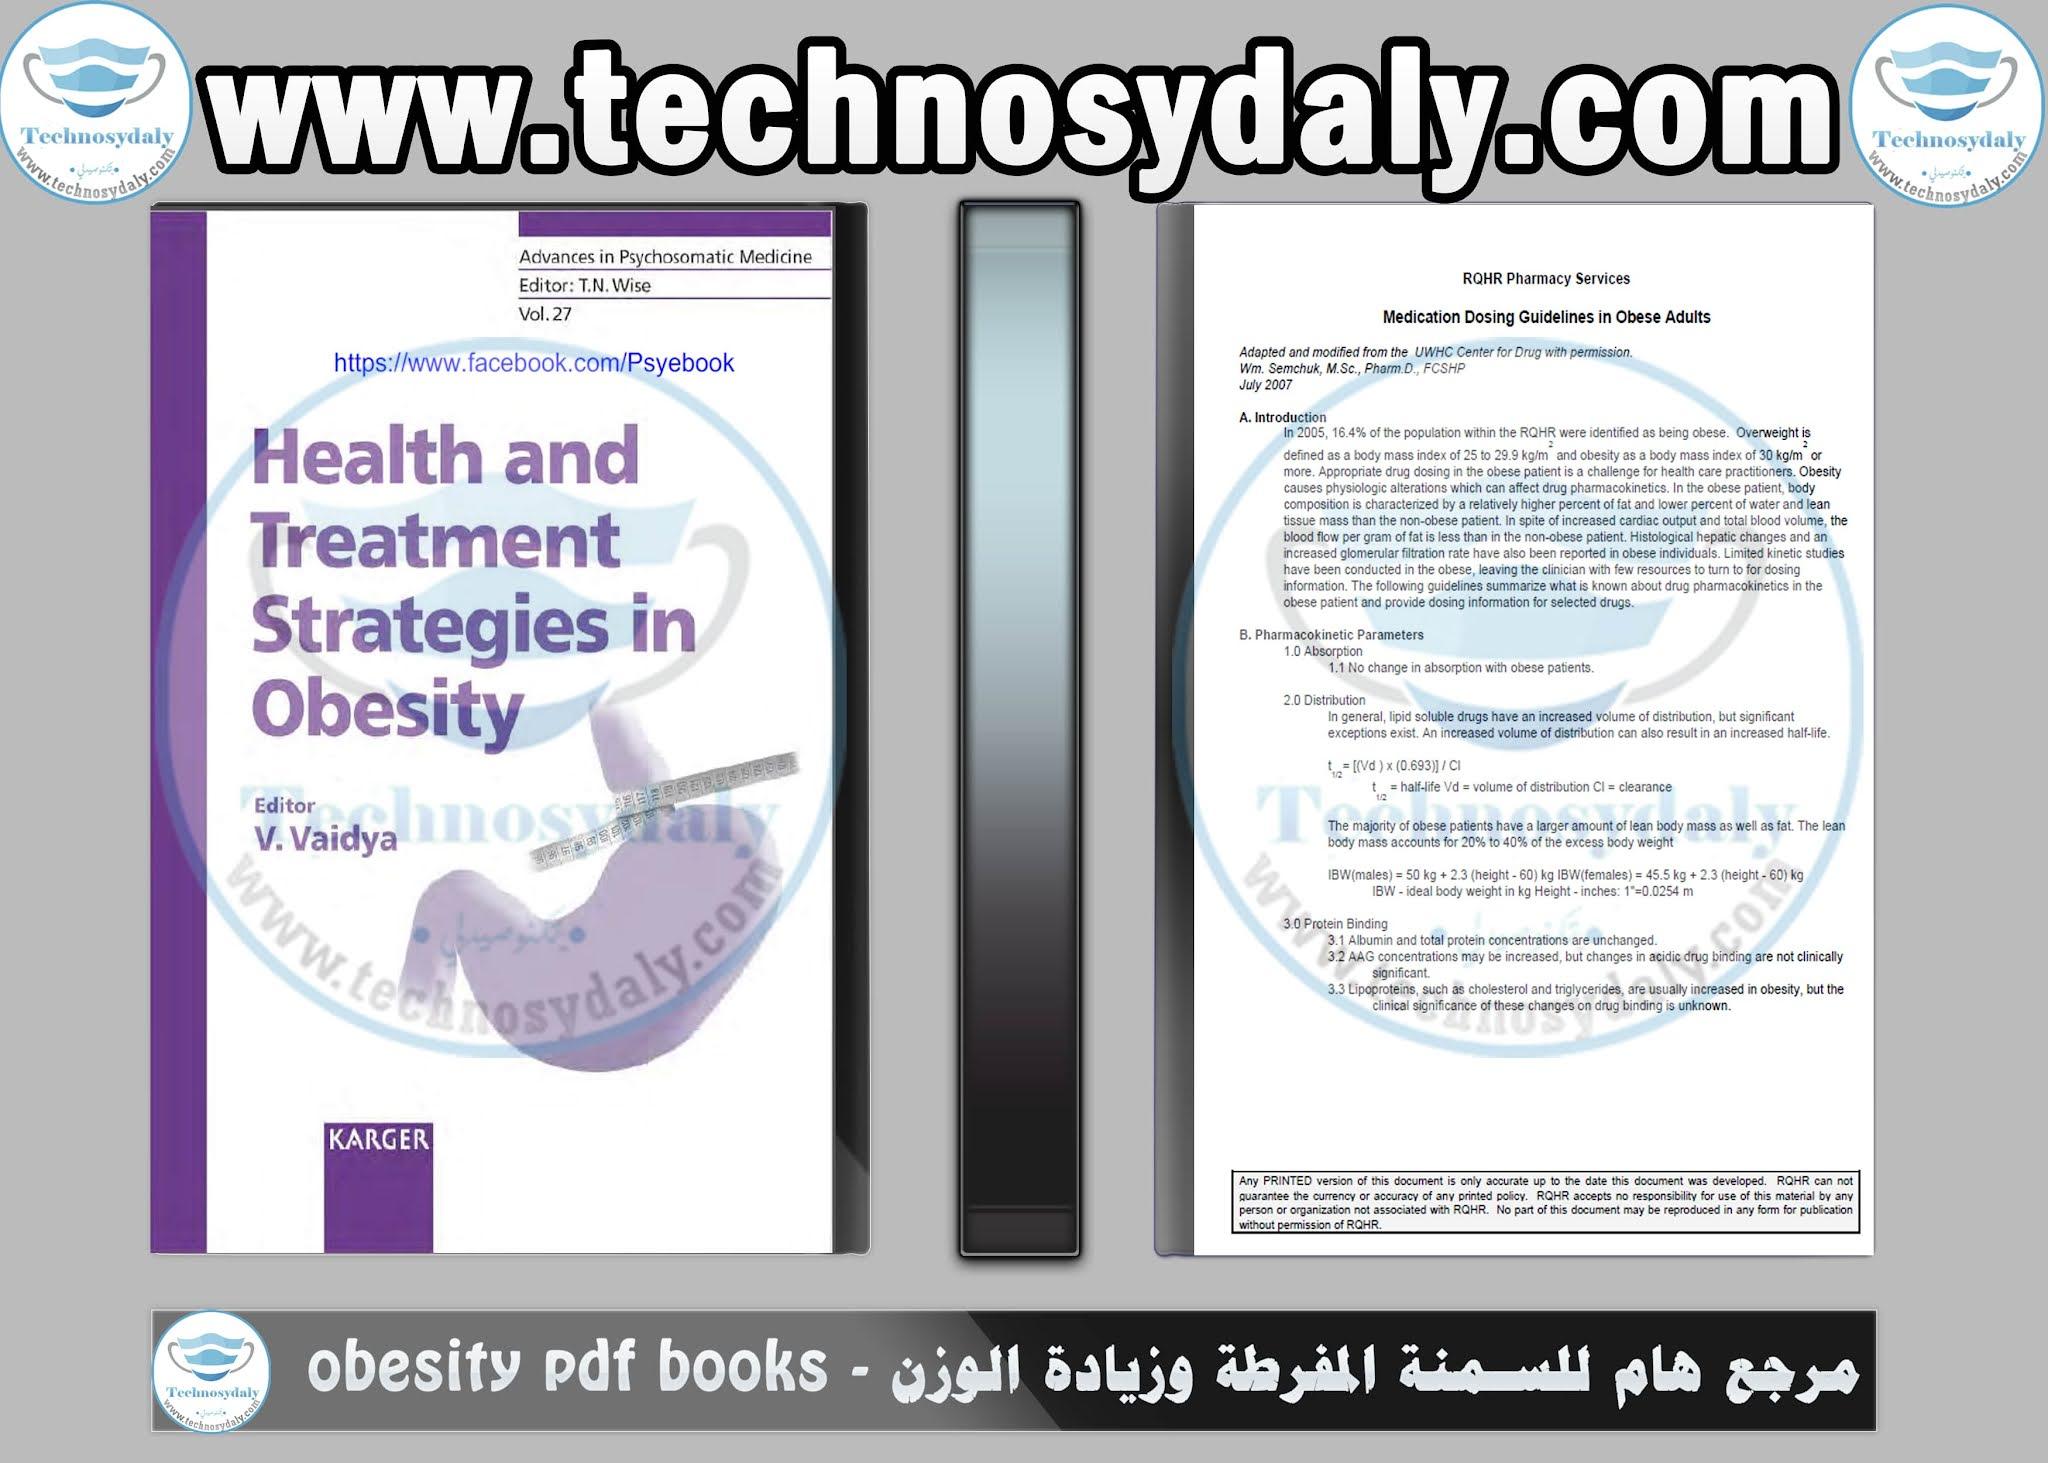 مرجع هام للسمنة المفرطة وزيادة الوزن - obesity pdf books